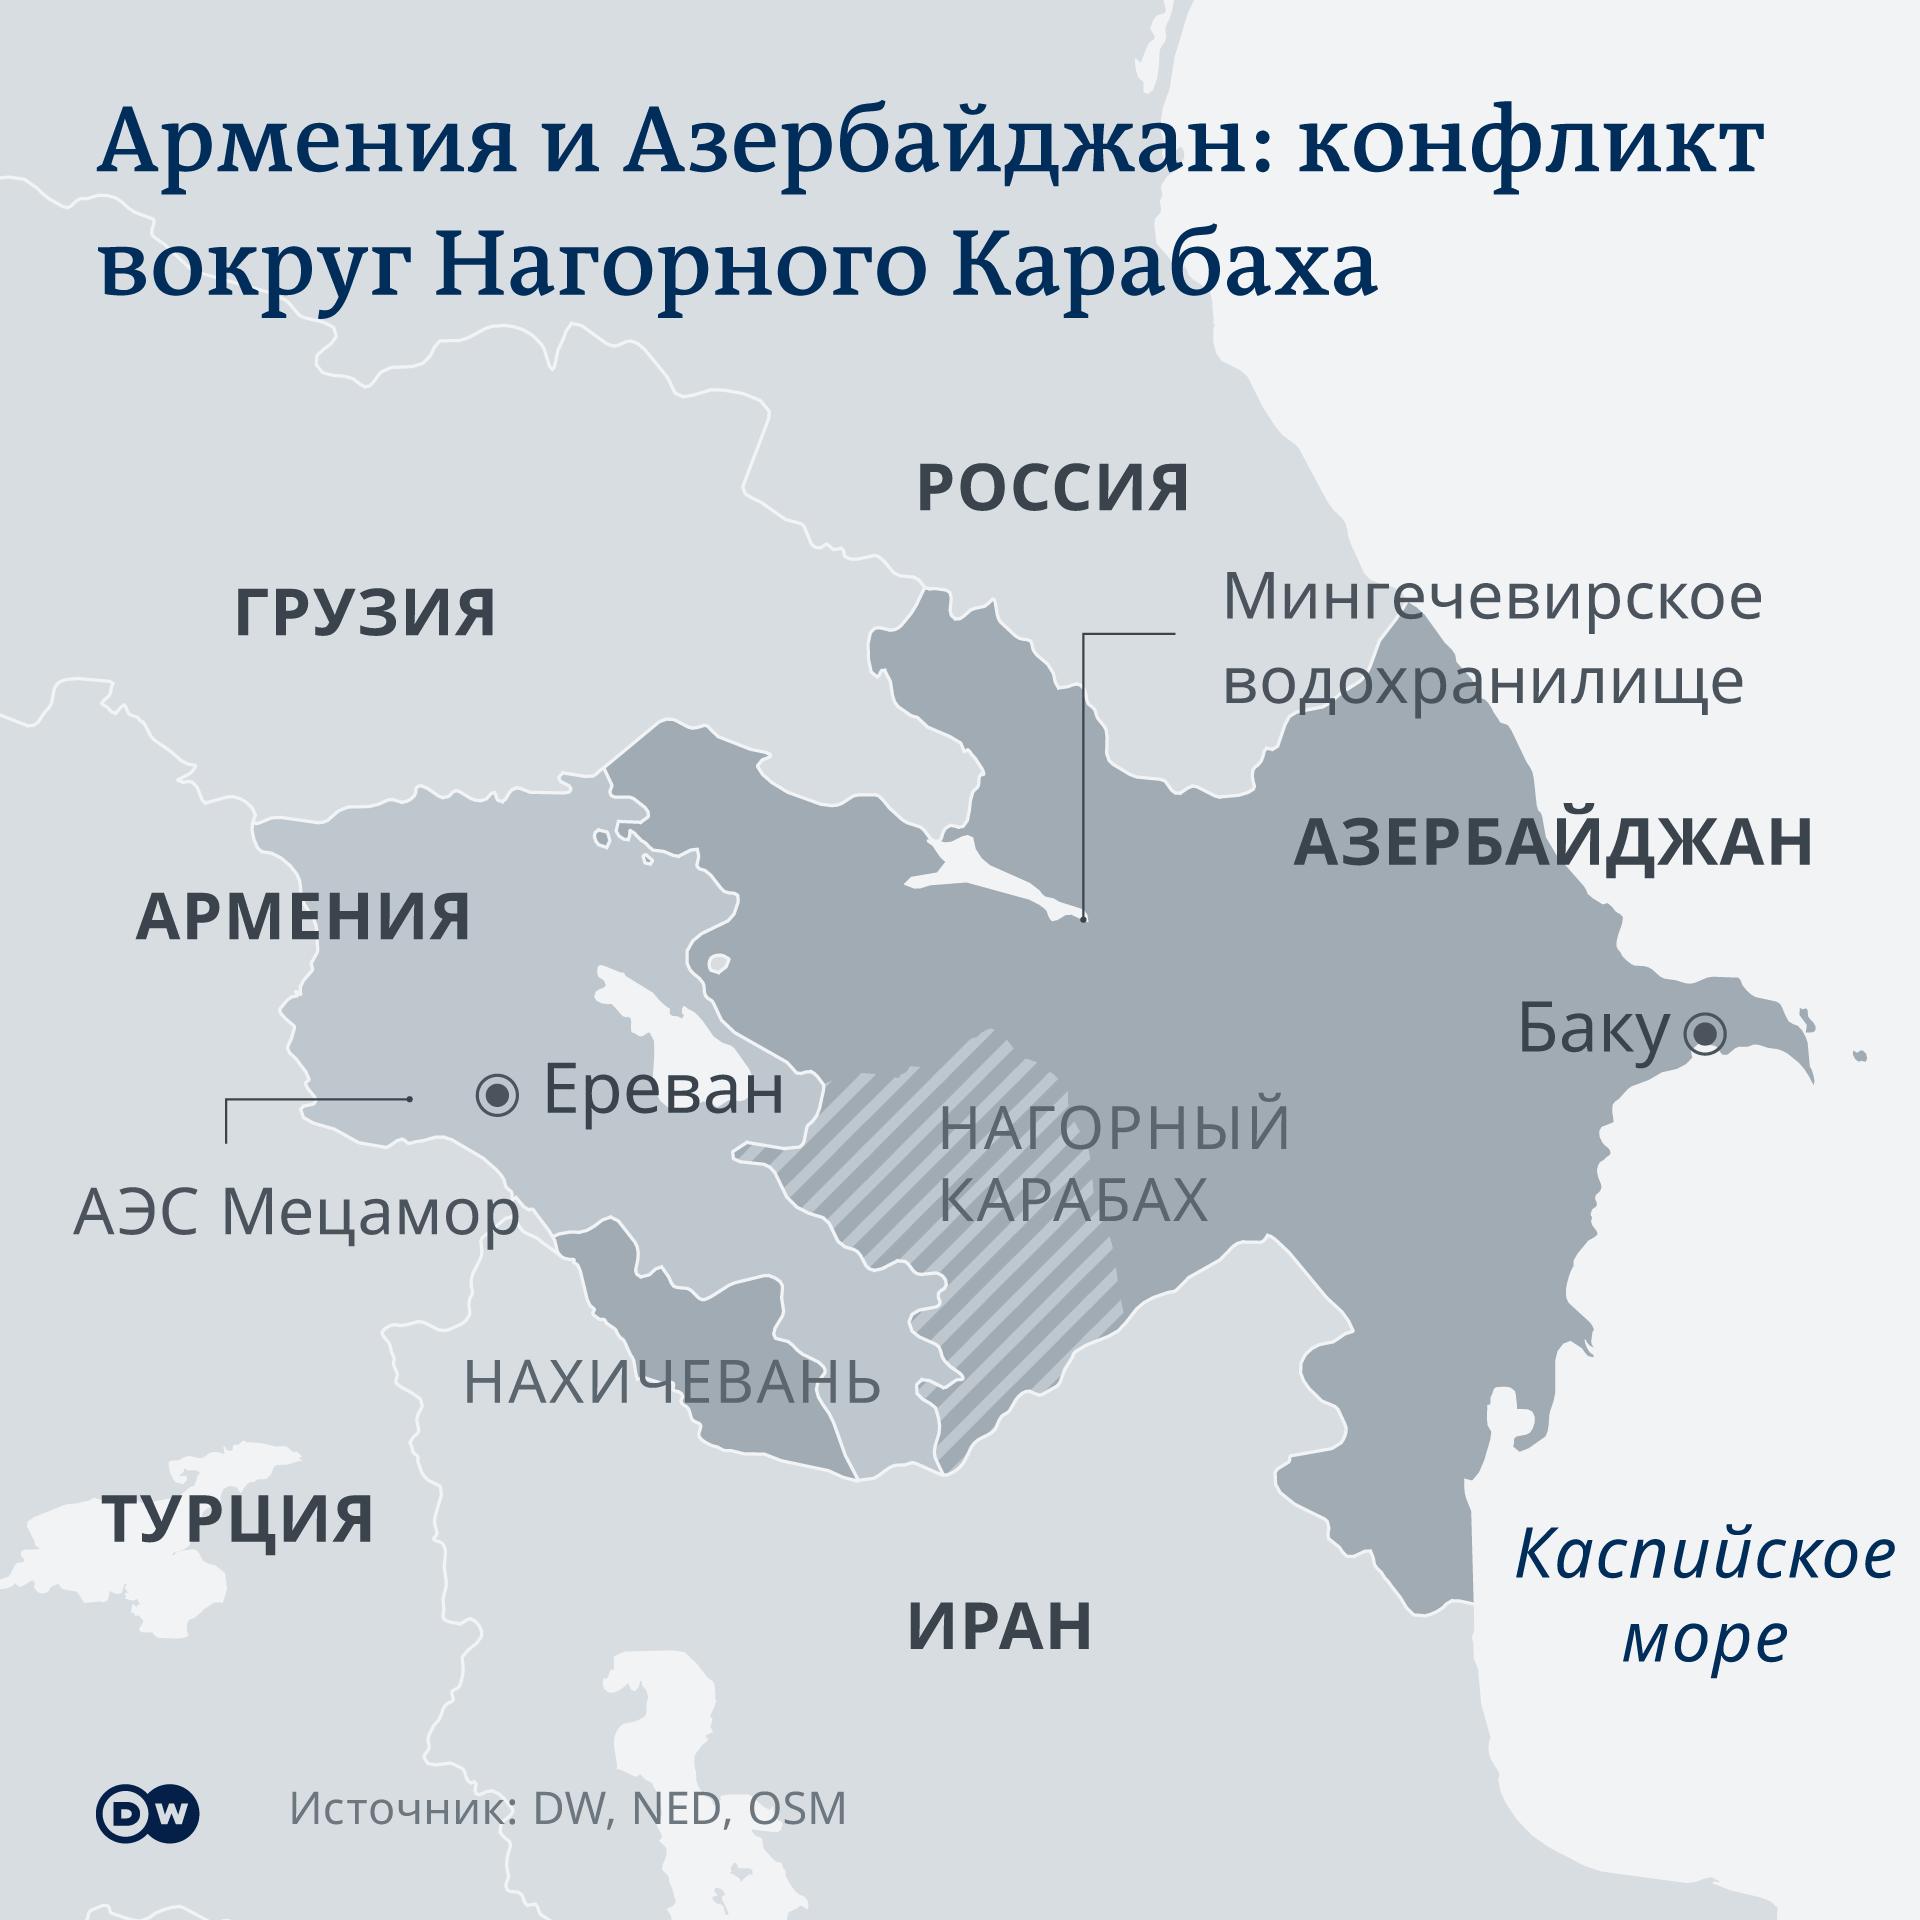 Конфликт вокруг Нагорного Карабаха